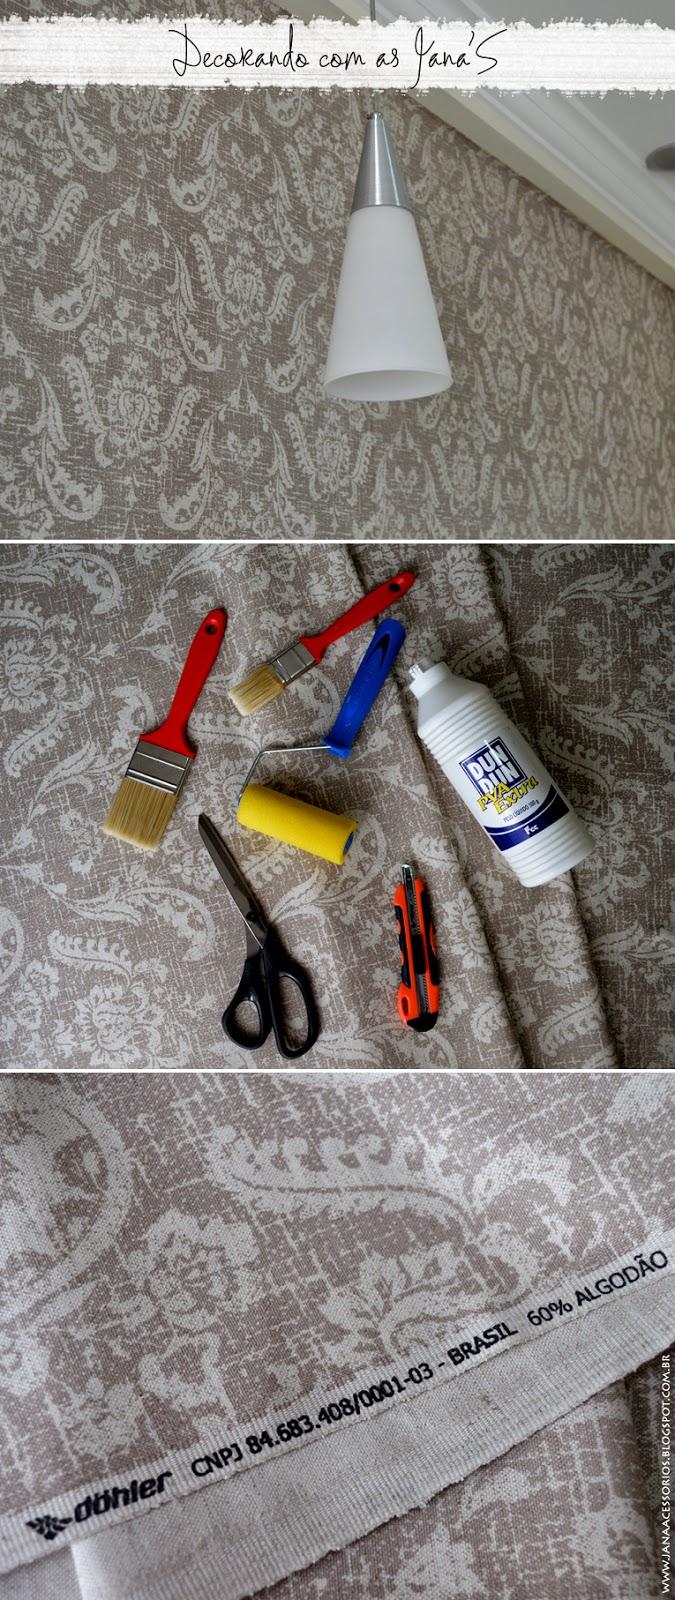 joinville, blog de decoração, decoração, jana, blog da jana, tecido na parede, inspiração, Decorando com as Jana'S